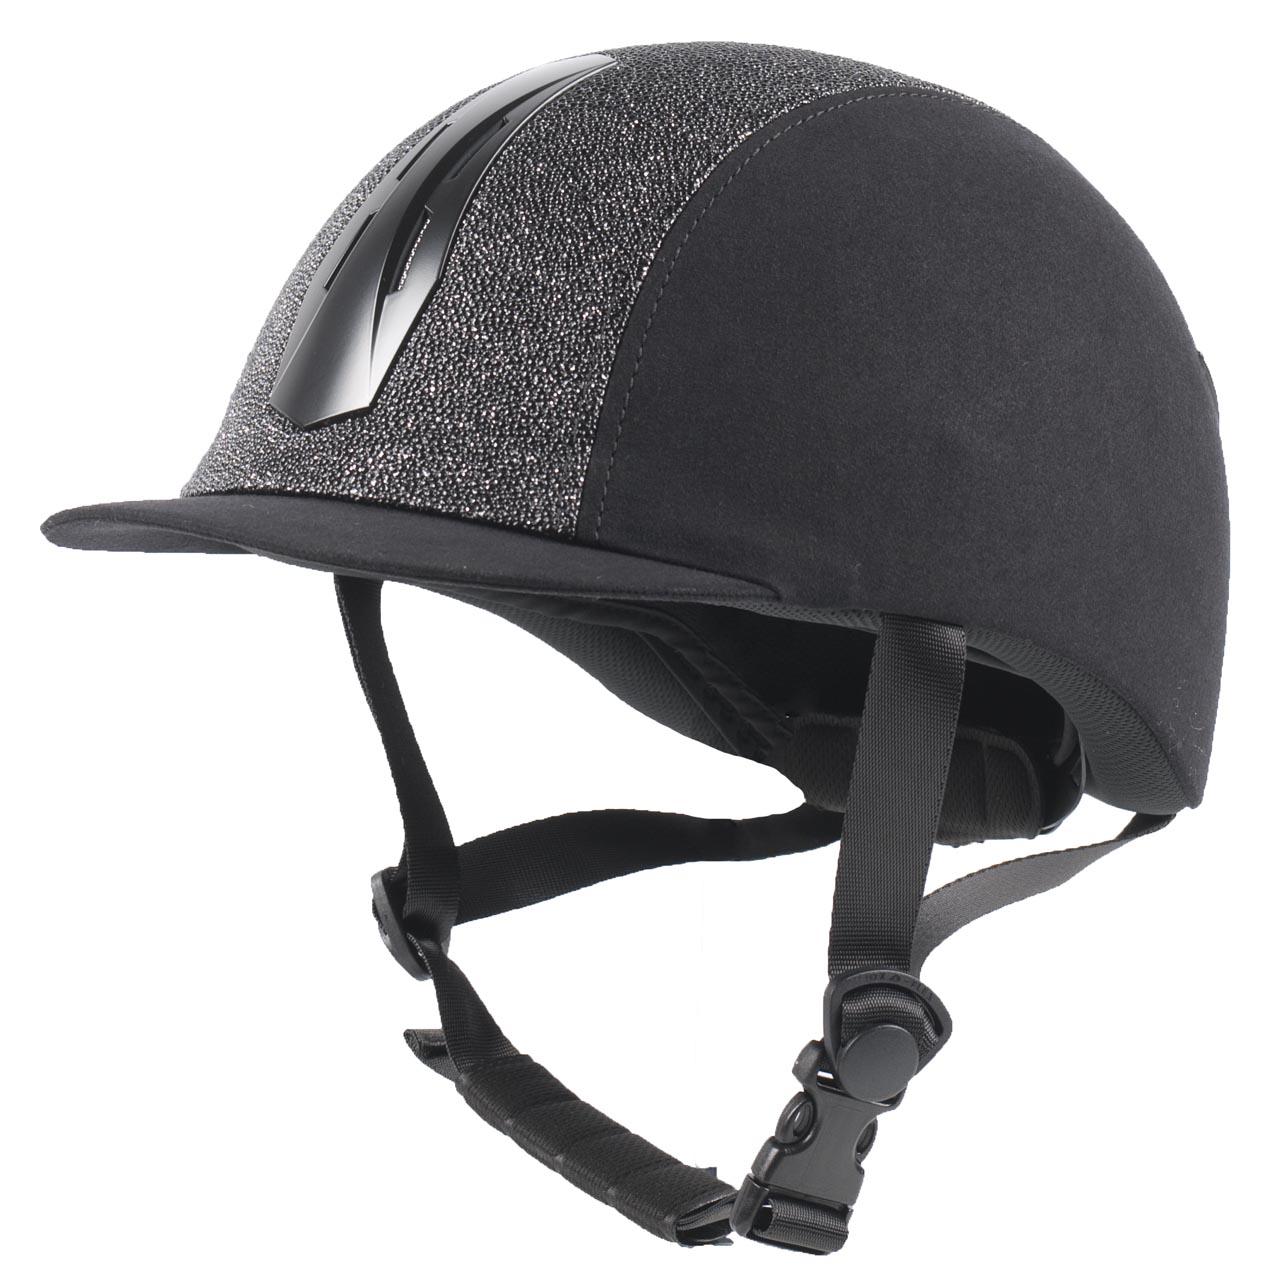 Premiere Epsilon cap